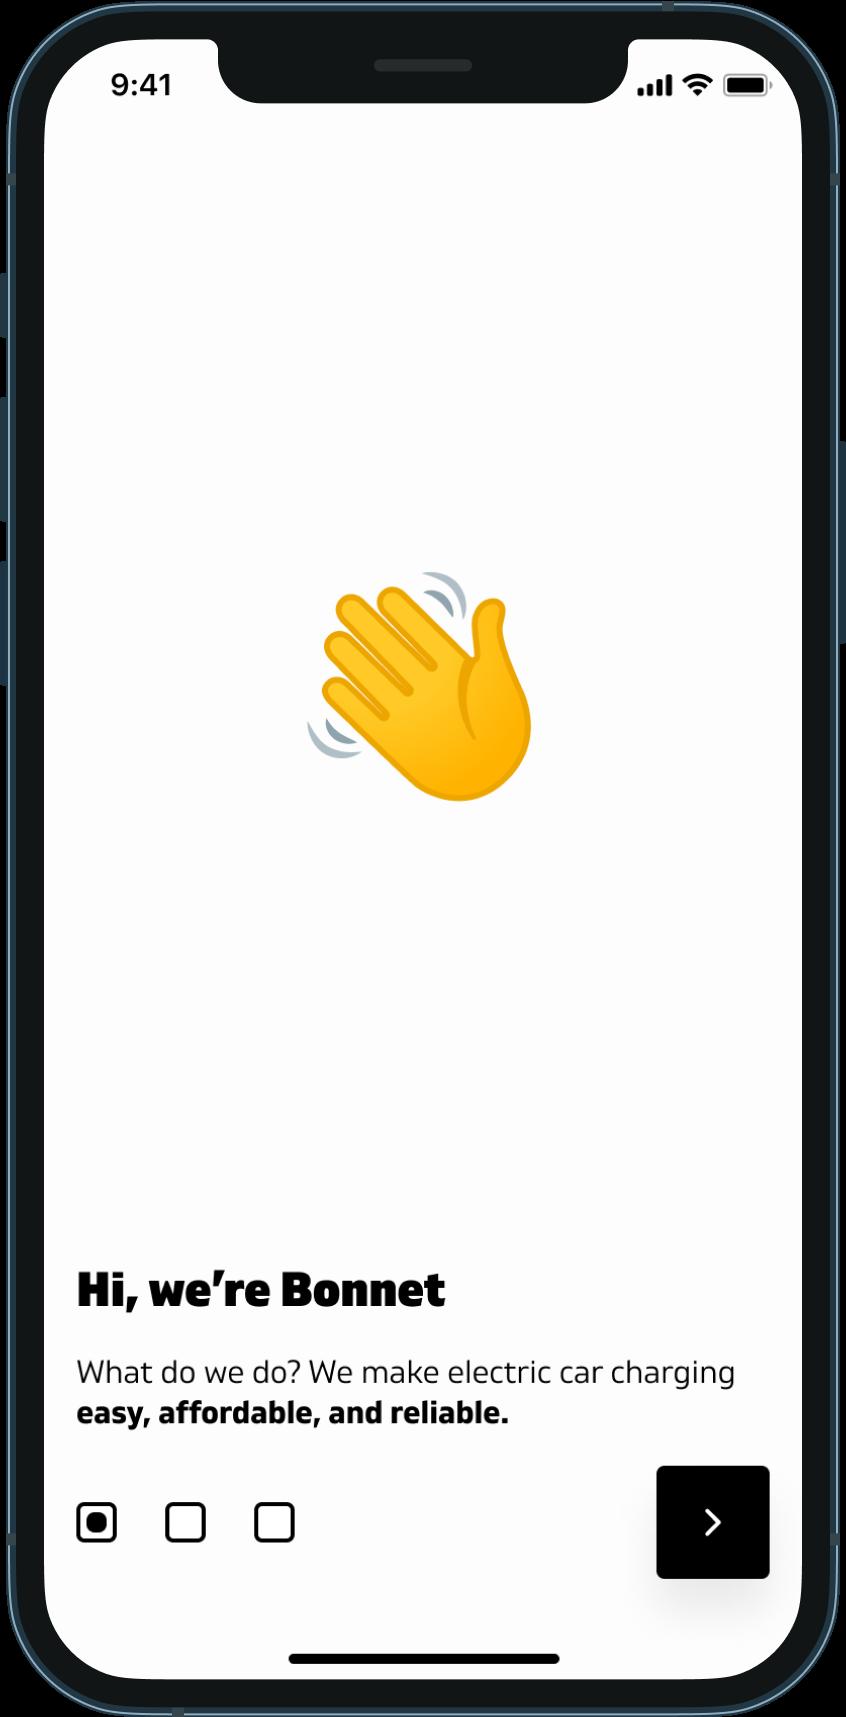 A screenshot of Bonnet's welcome screen